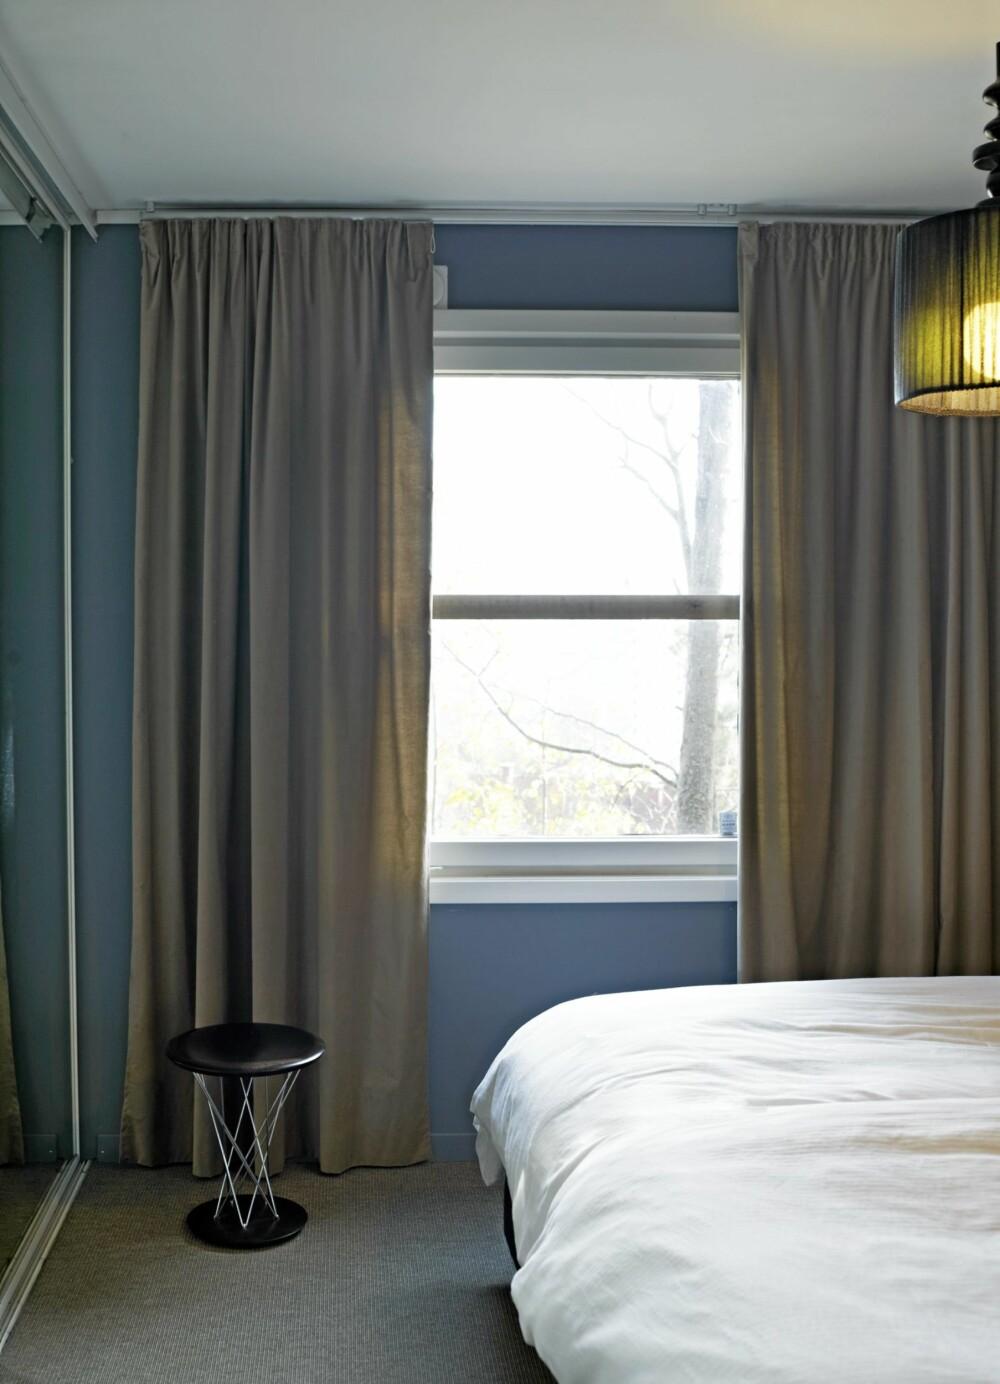 FORSTØRRER VINDUET: Gardinene dekker veggene på hver side av vinduet. Slik kan man forledes til å tro at vinduet egentlig er større enn det er. Gyngekrakken er fra Vitra.